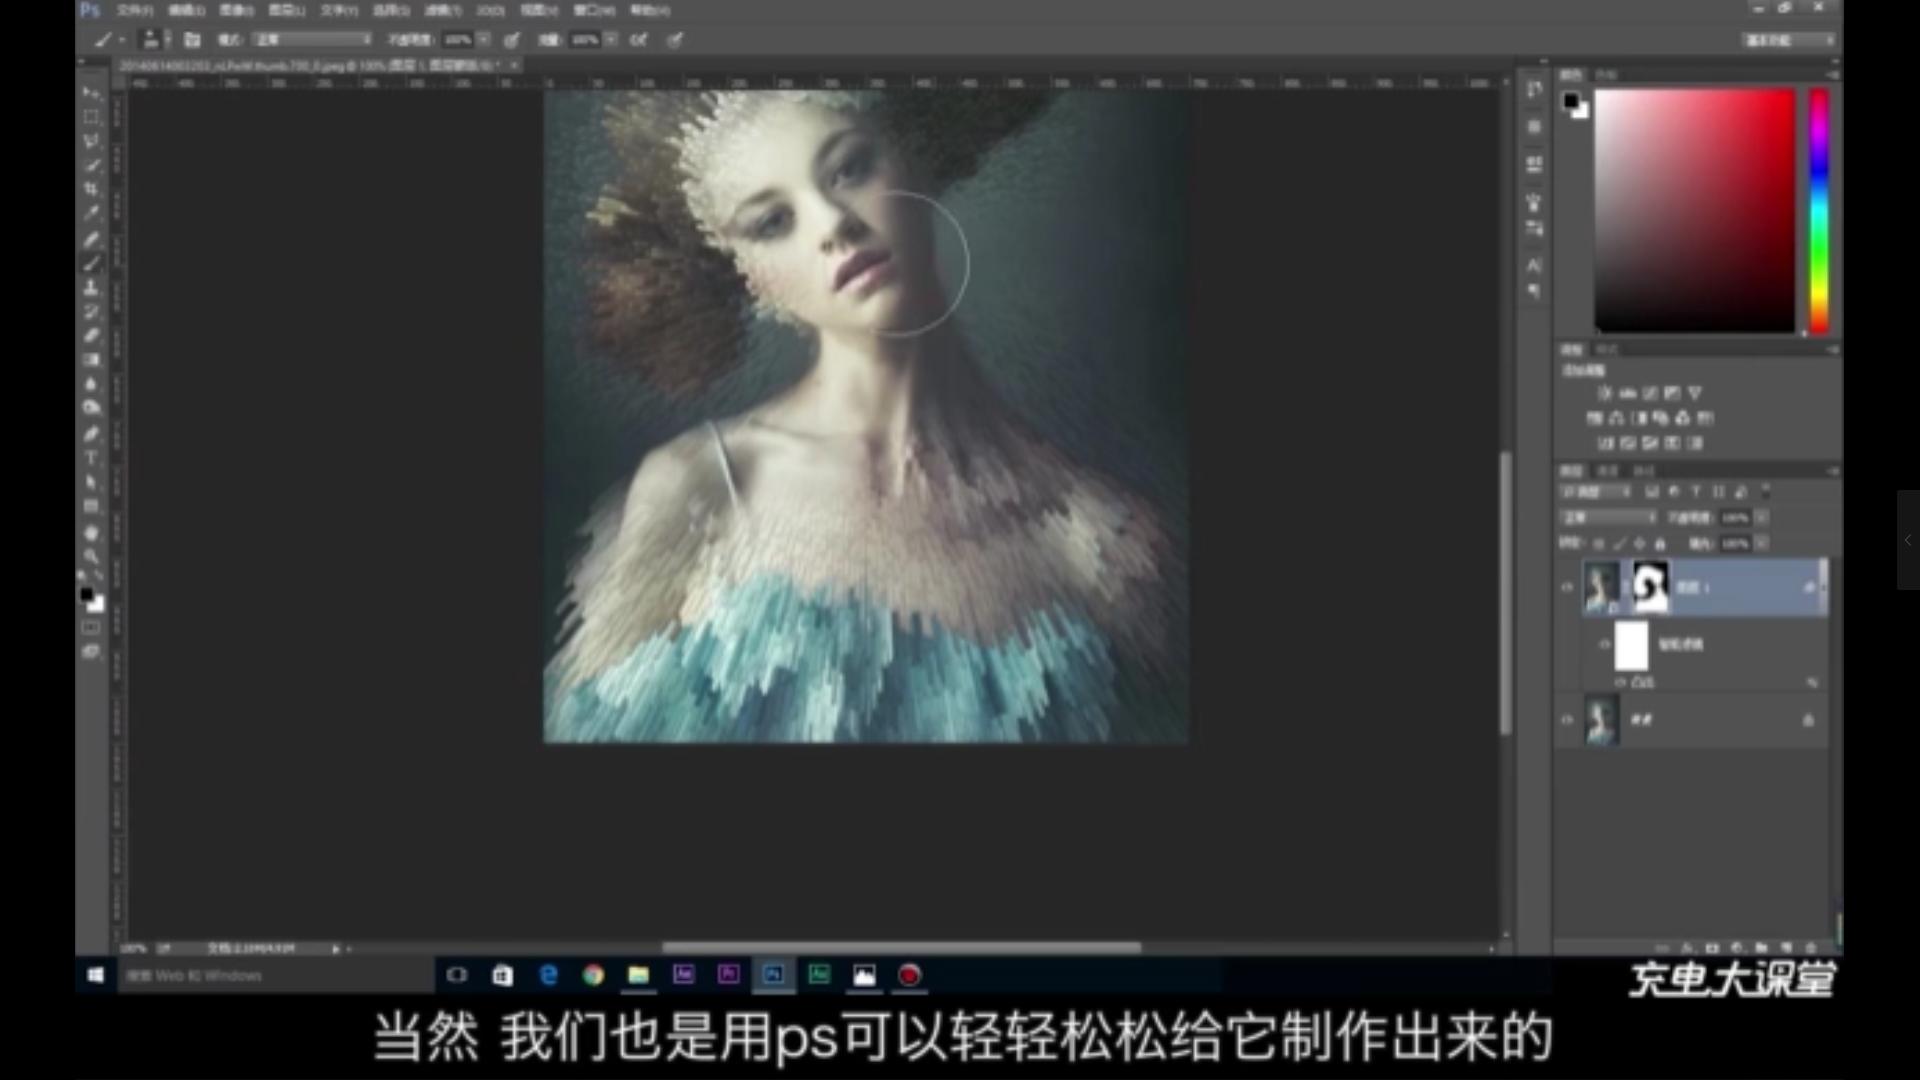 《小姐姐带你零基础学photoshop,18节课从小白到大神》